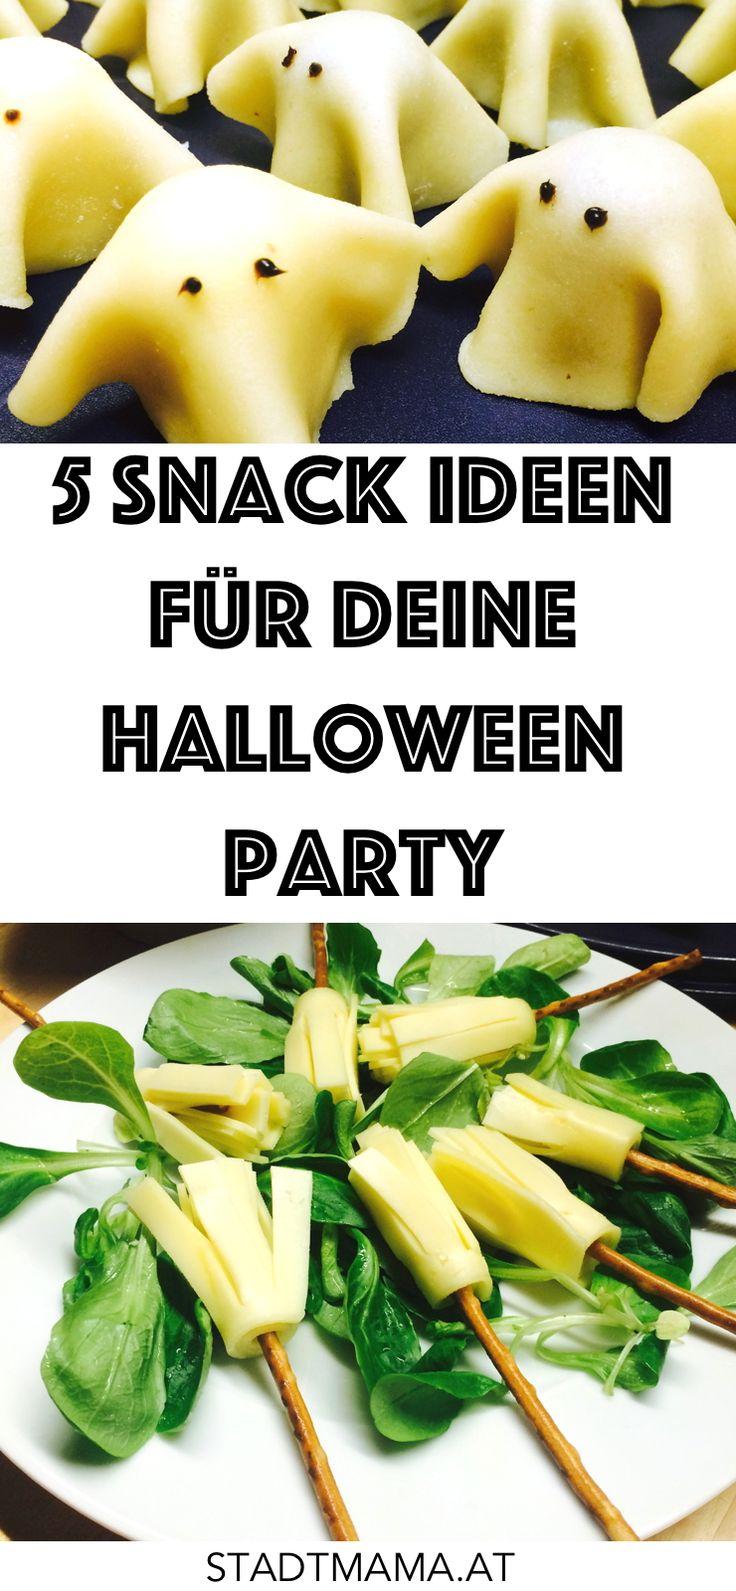 5 simple Snack Ideen für deine Halloween Party inklusive Rezept und Anleitung.